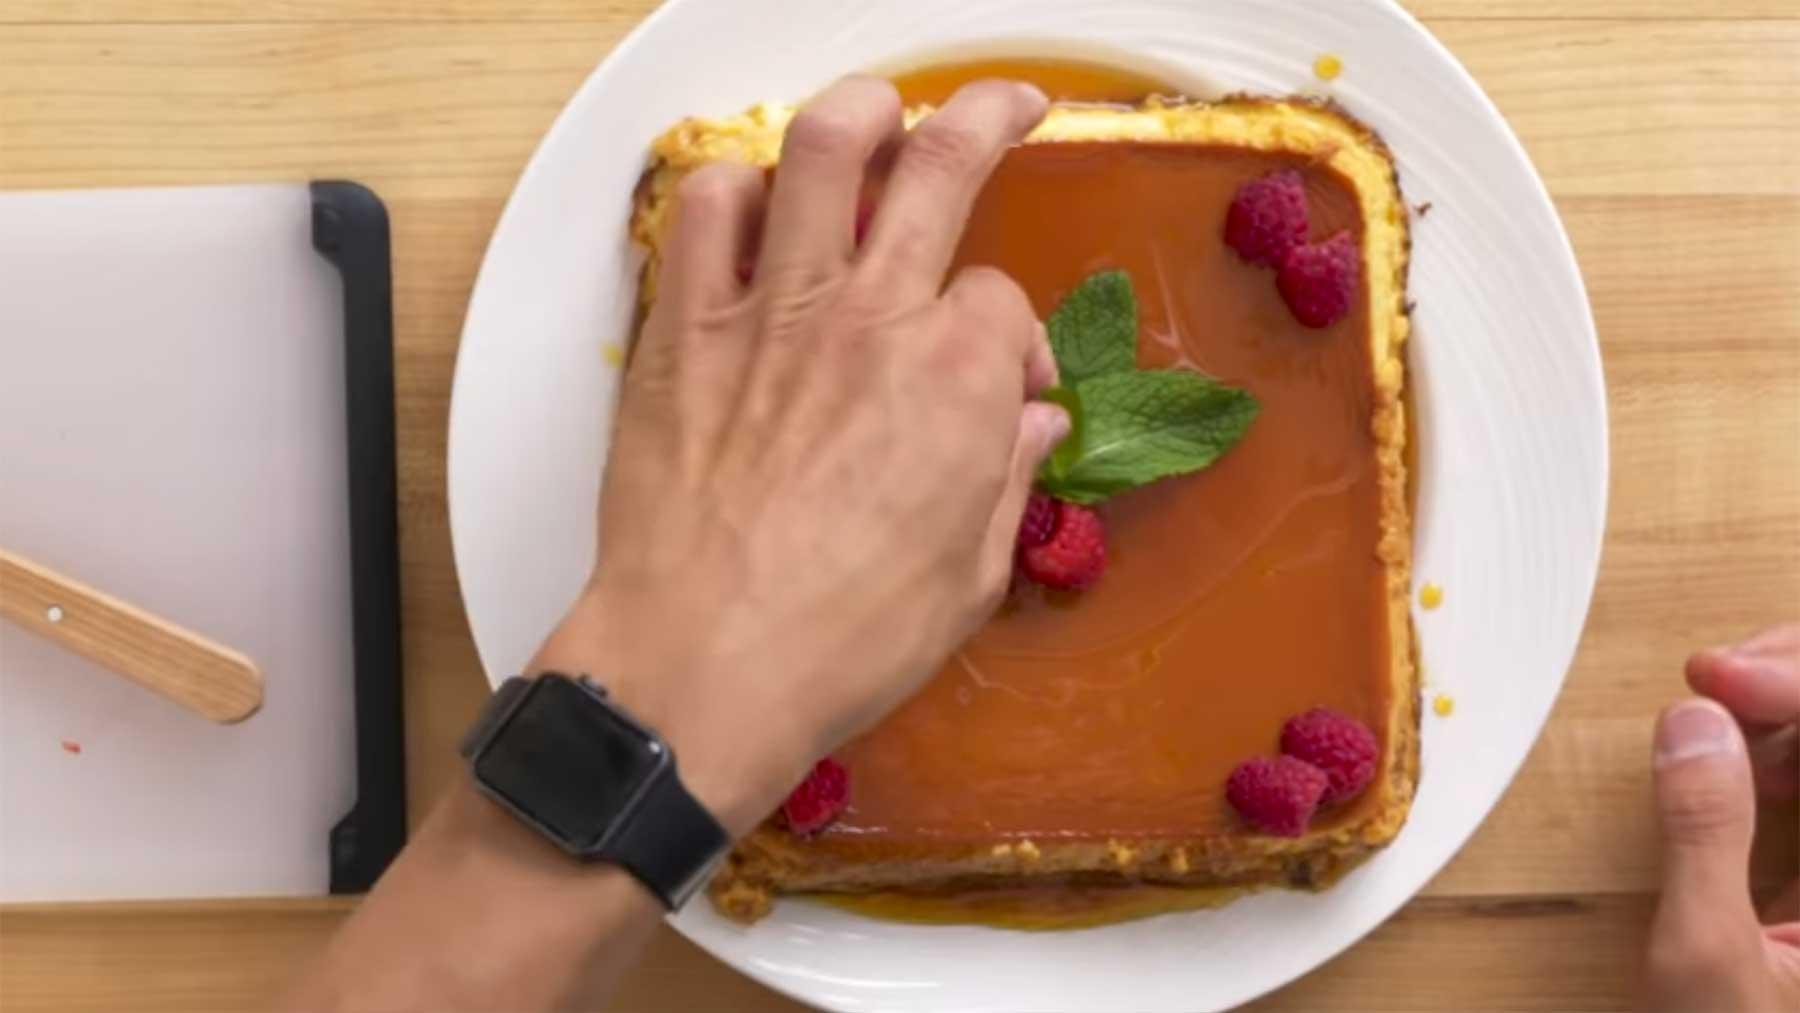 Köche unterschiedlicher Fähigkeitsstufen machen Pudding